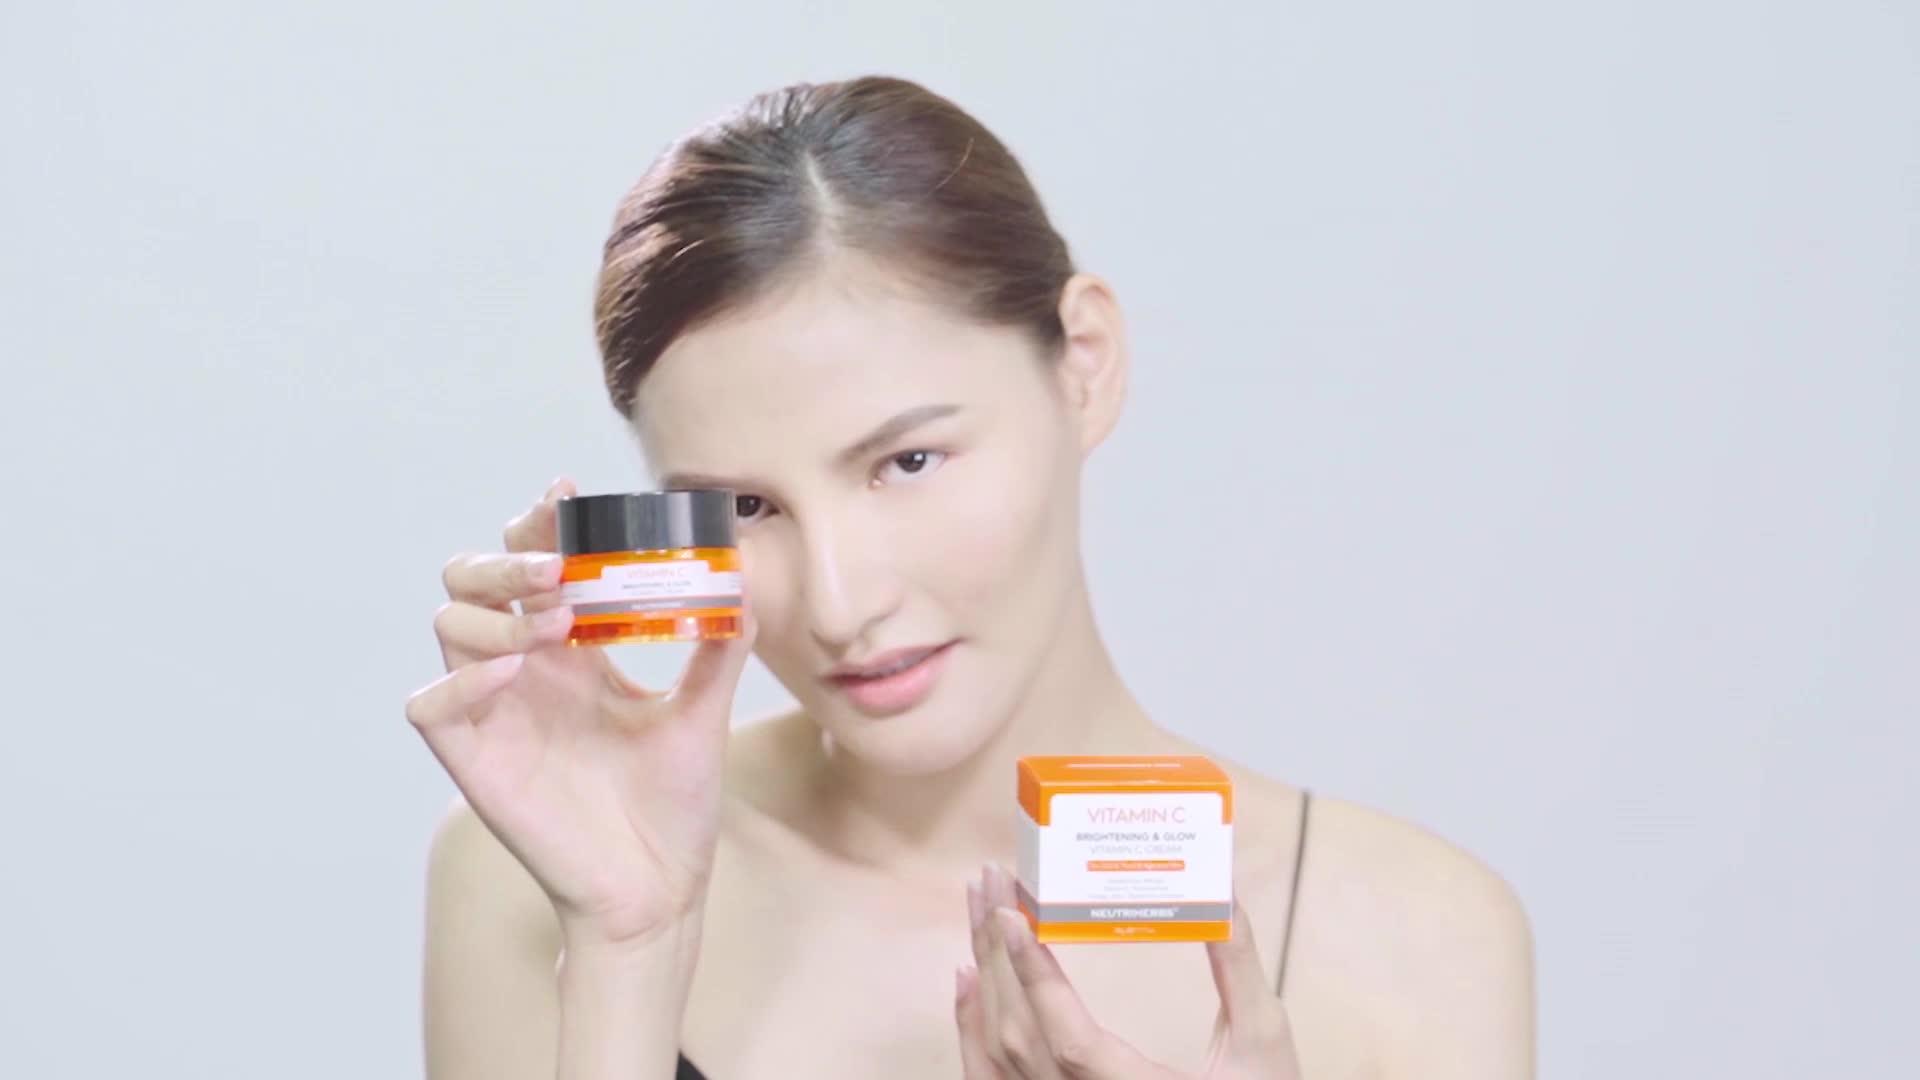 Thành Phần thảo dược Arbutin Vitamin C Làm Trắng Kem Tẩy Trắng Da Kem Tẩy Trắng Da Tẩy Trắng Cho Da